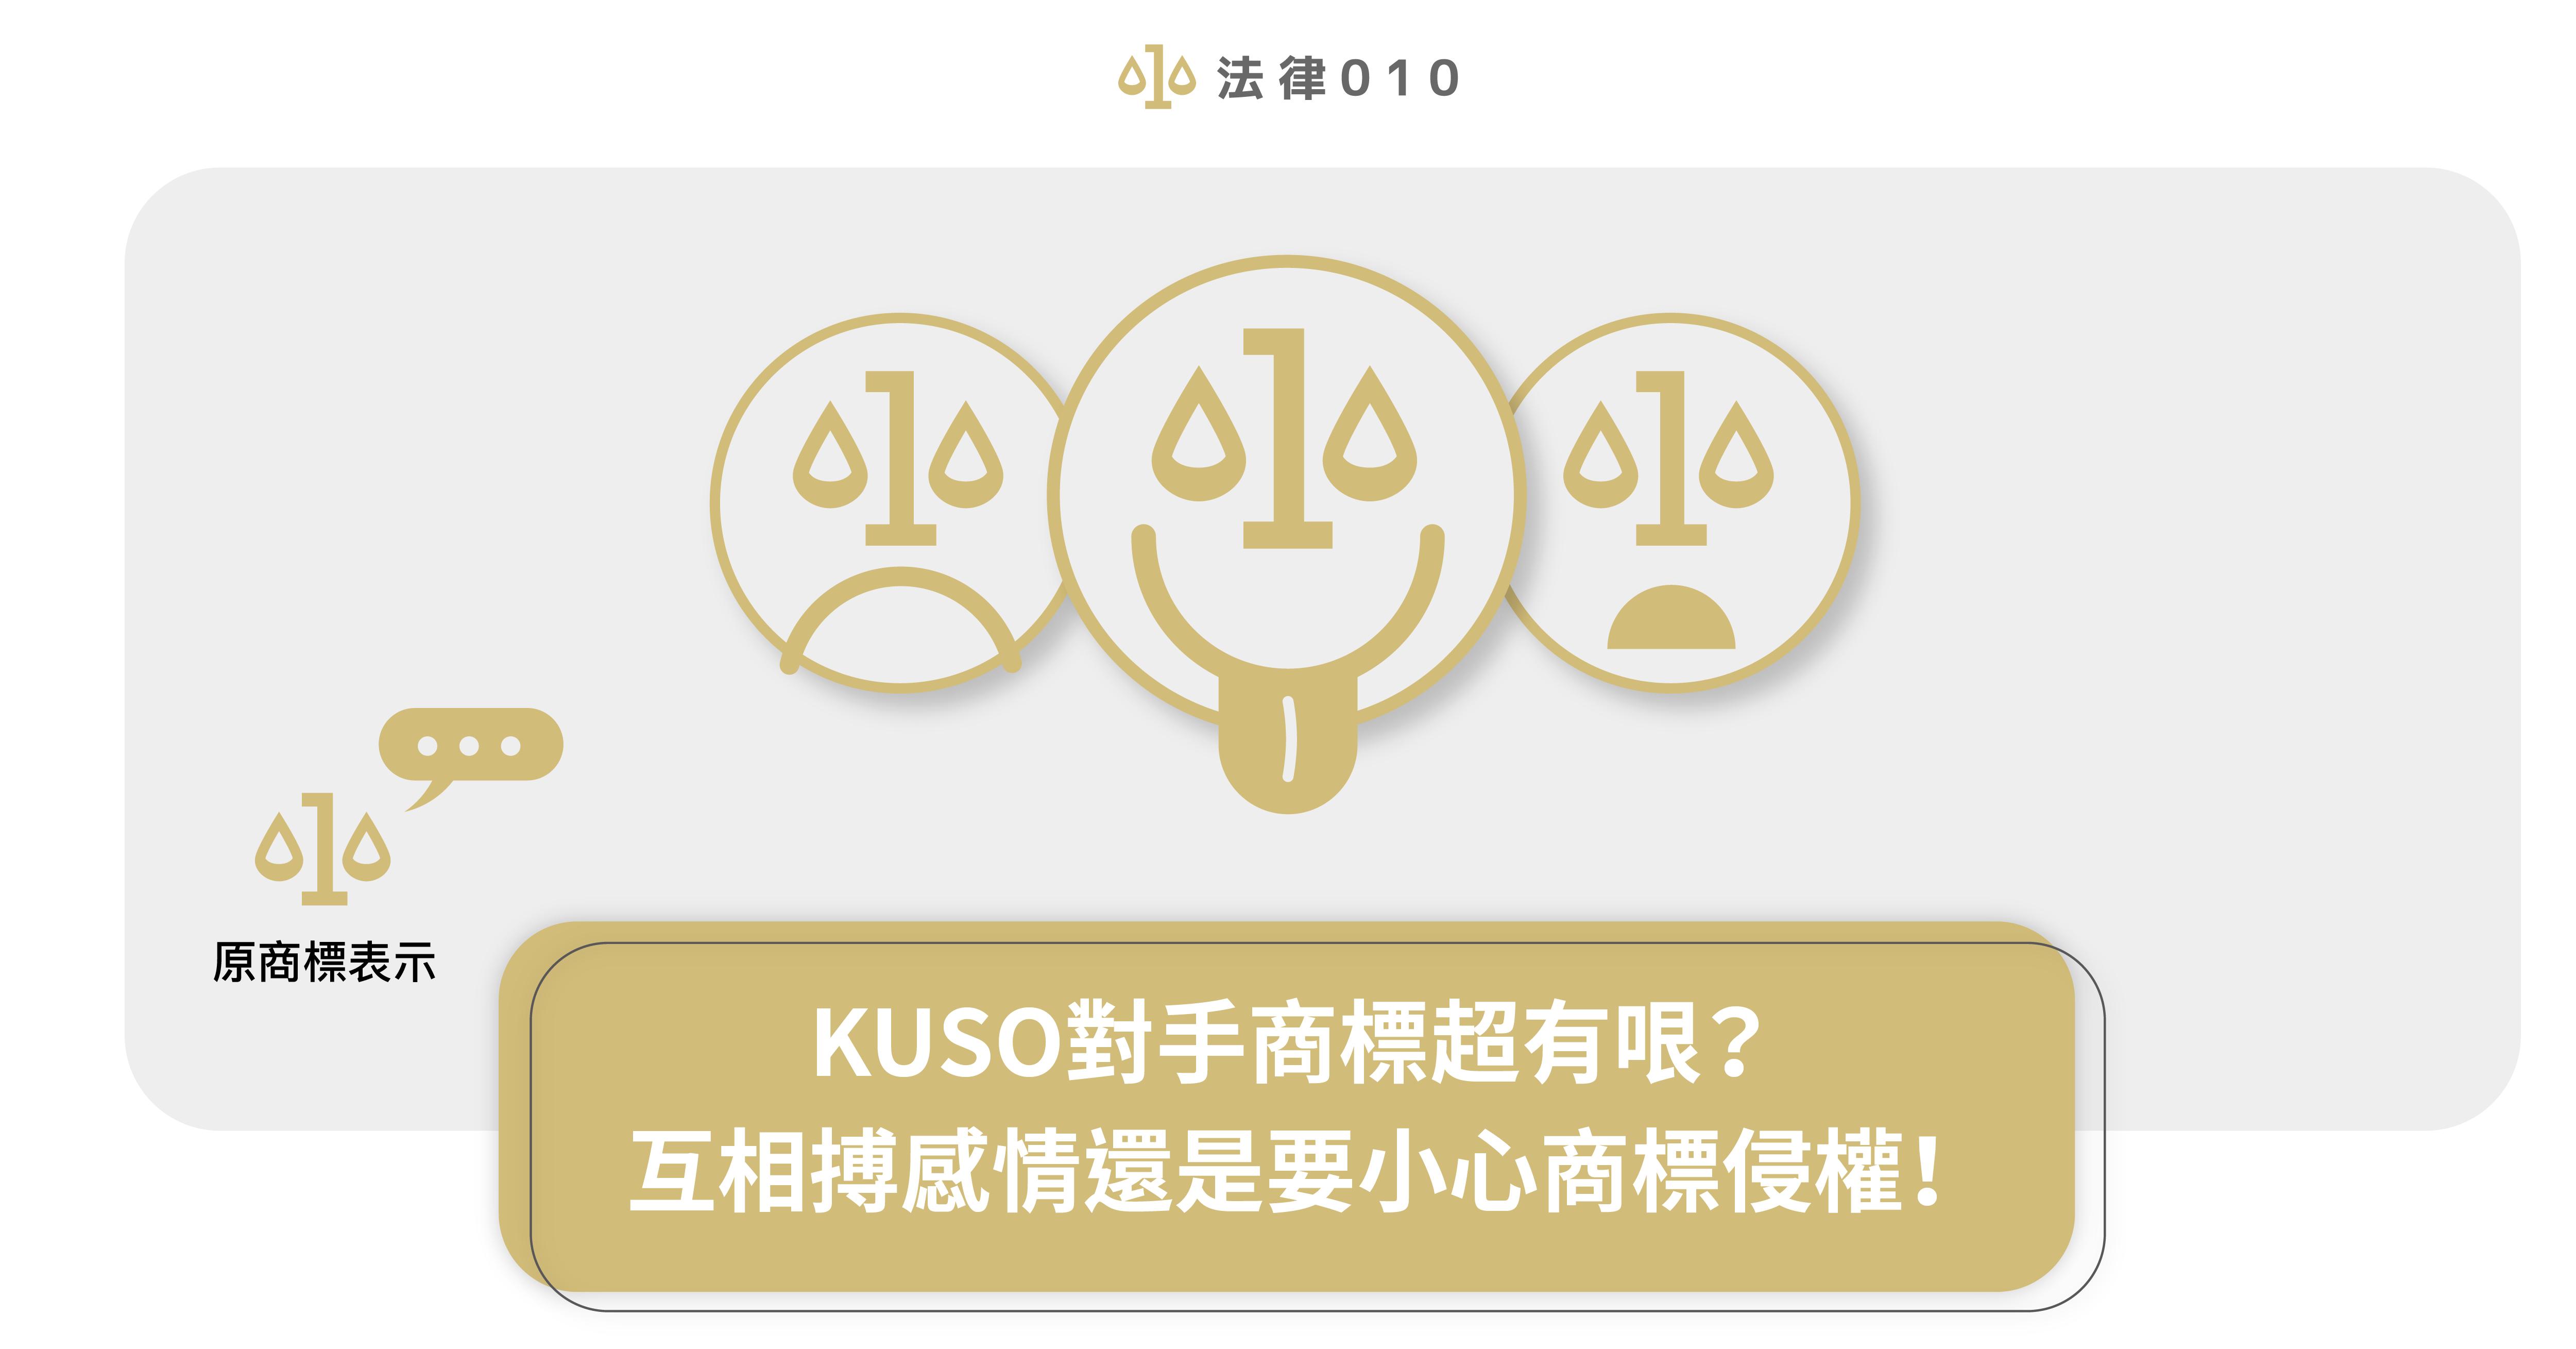 KUSO對手商標超有哏?互相搏感情還是要小心商標侵權!